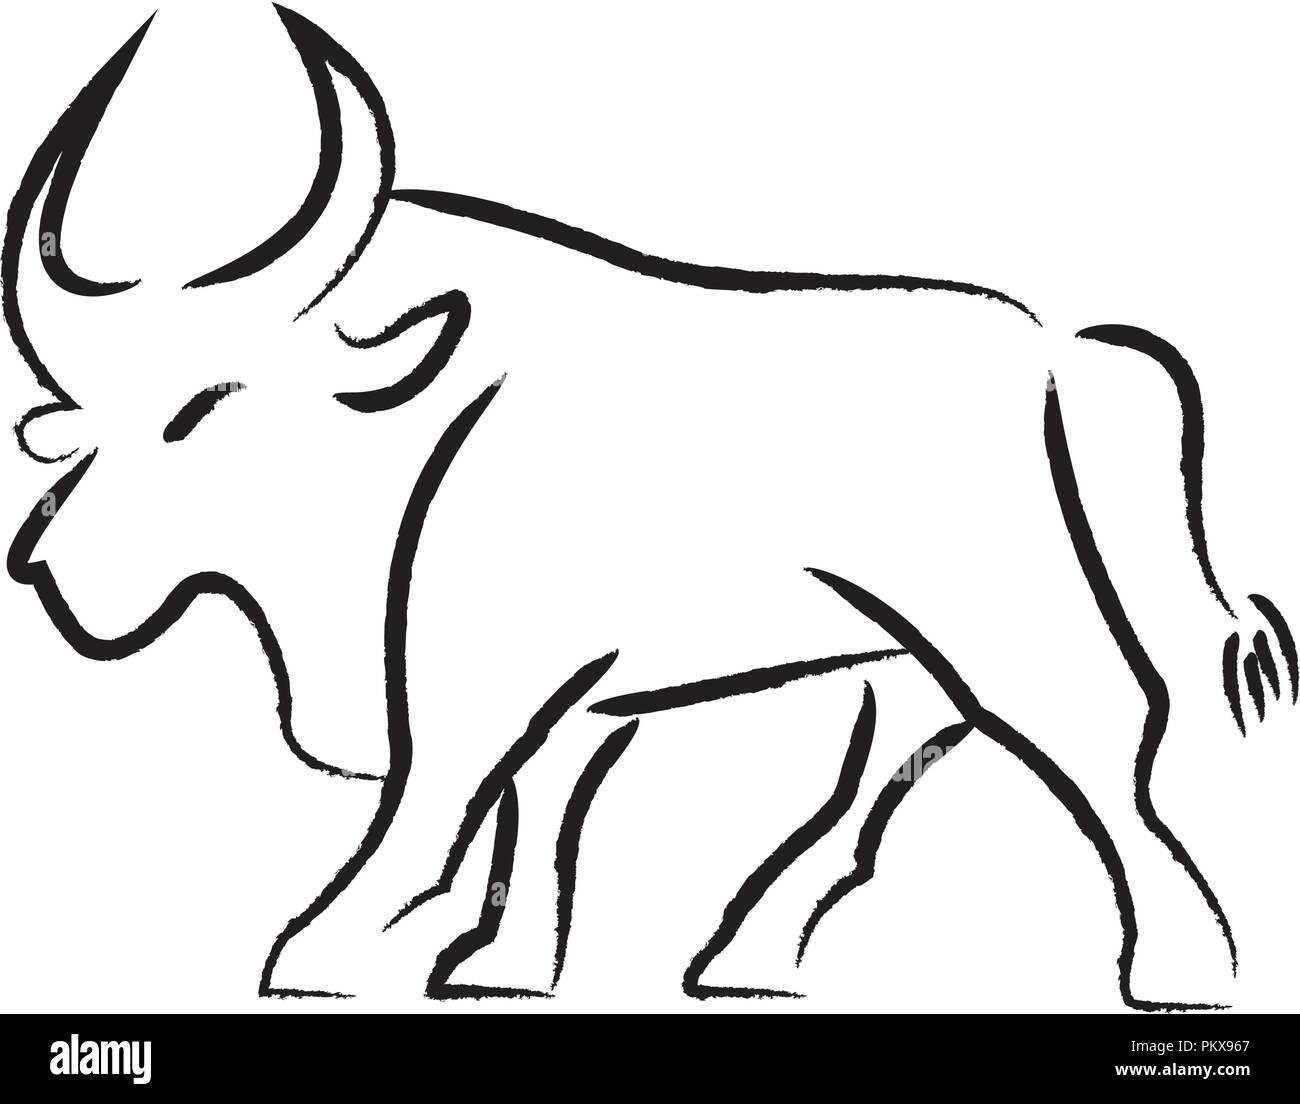 bull draw illustration stock photos bull draw illustration stock